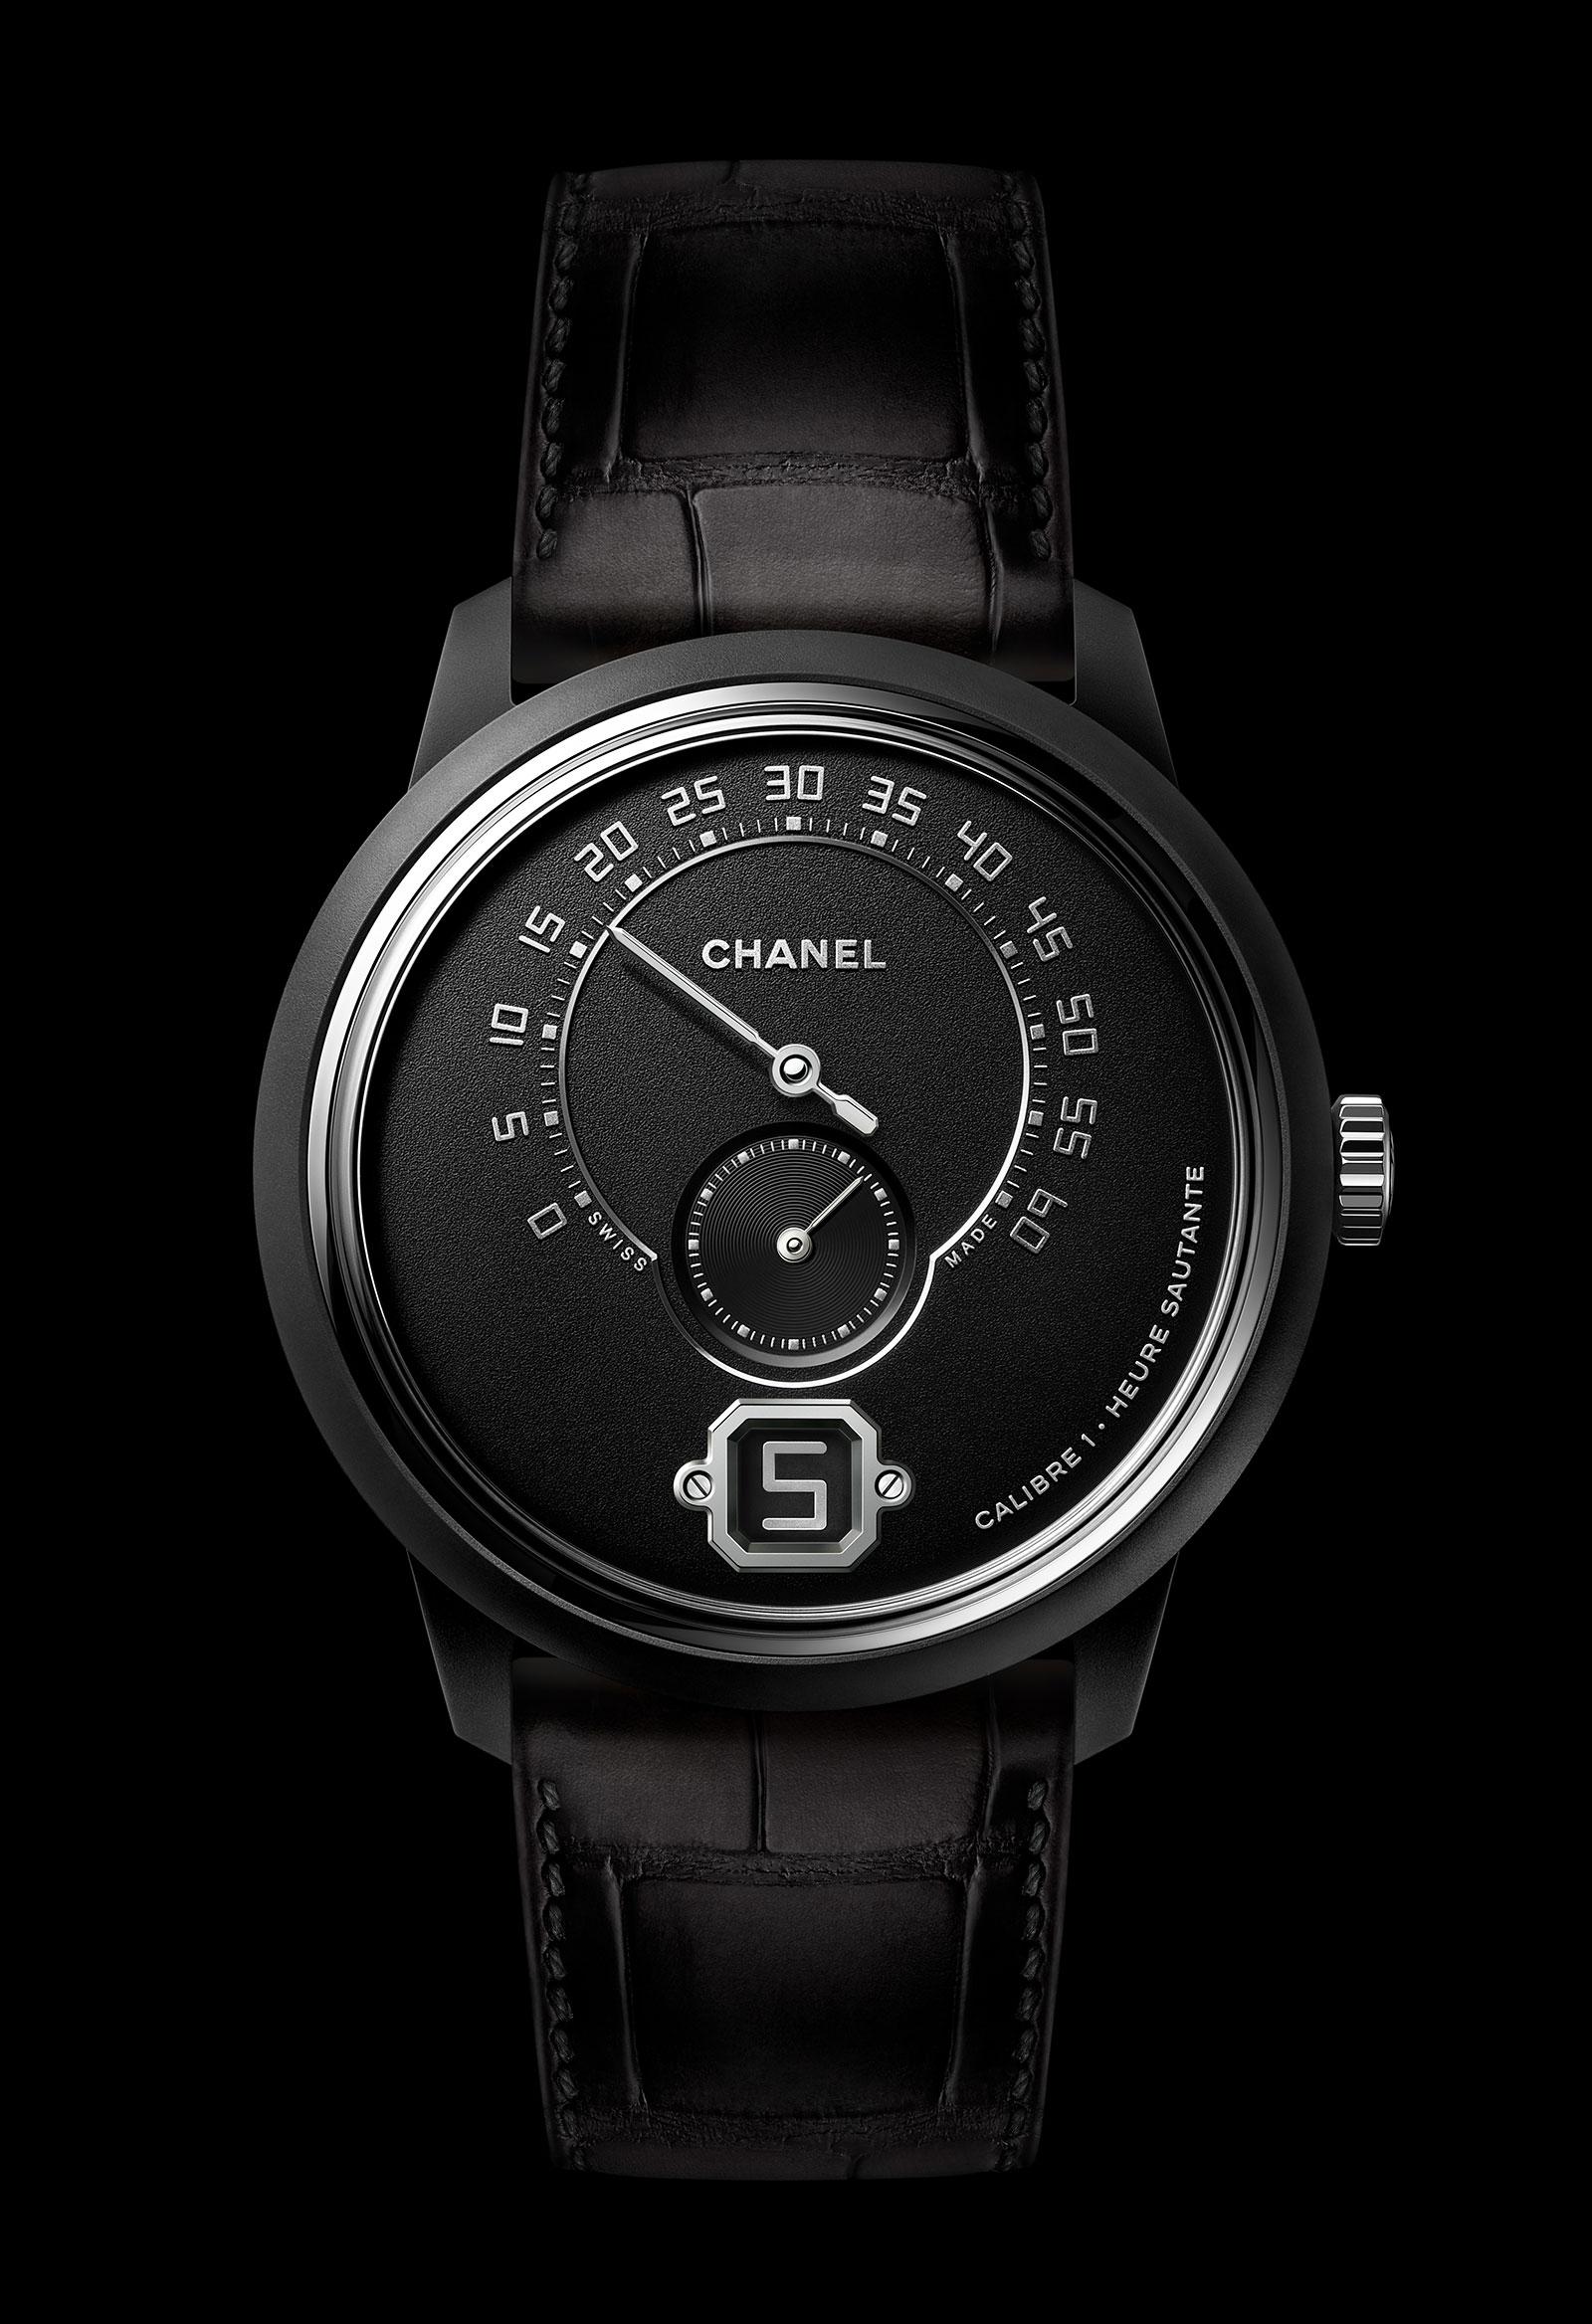 Chanel Monsieur Édition Noire watch 4